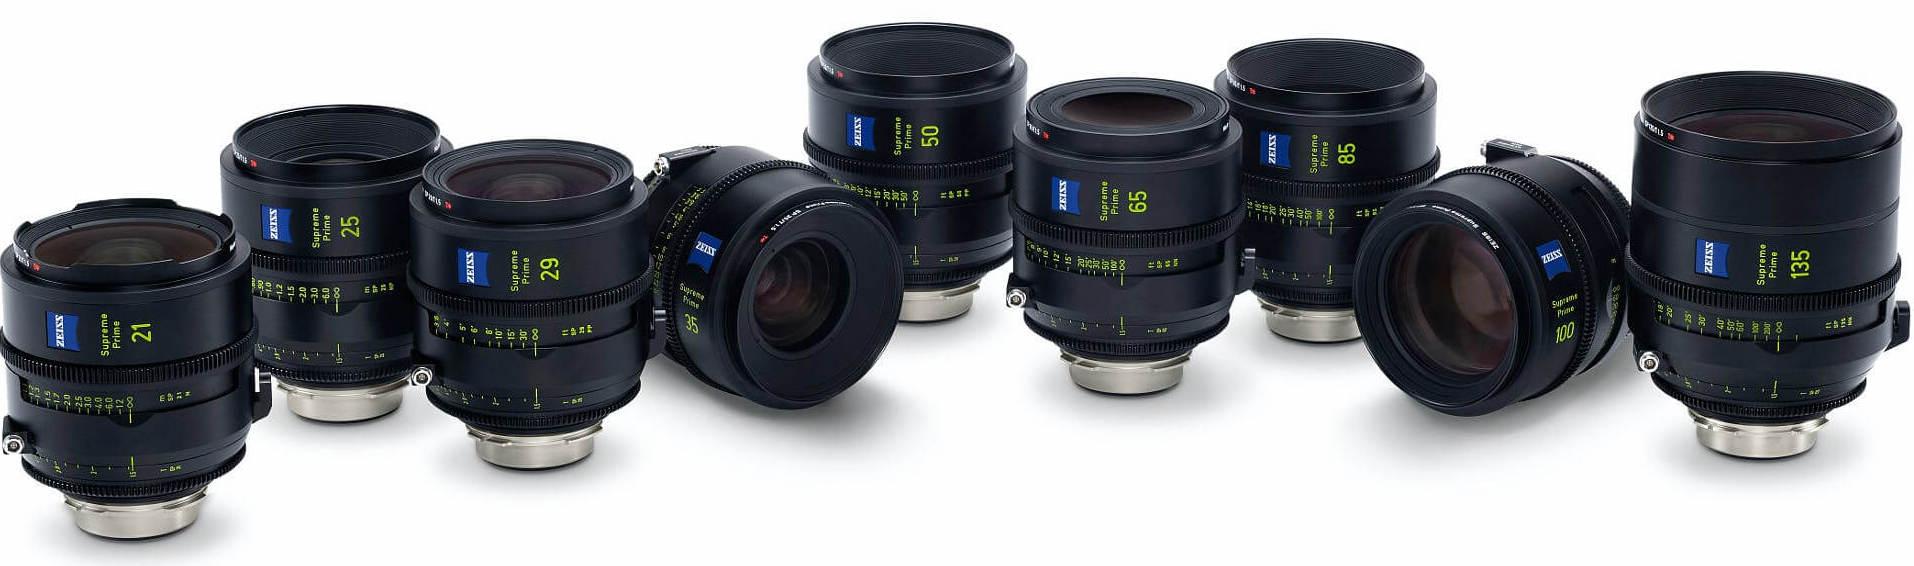 Zeiss Supreme Prime full frame lenses